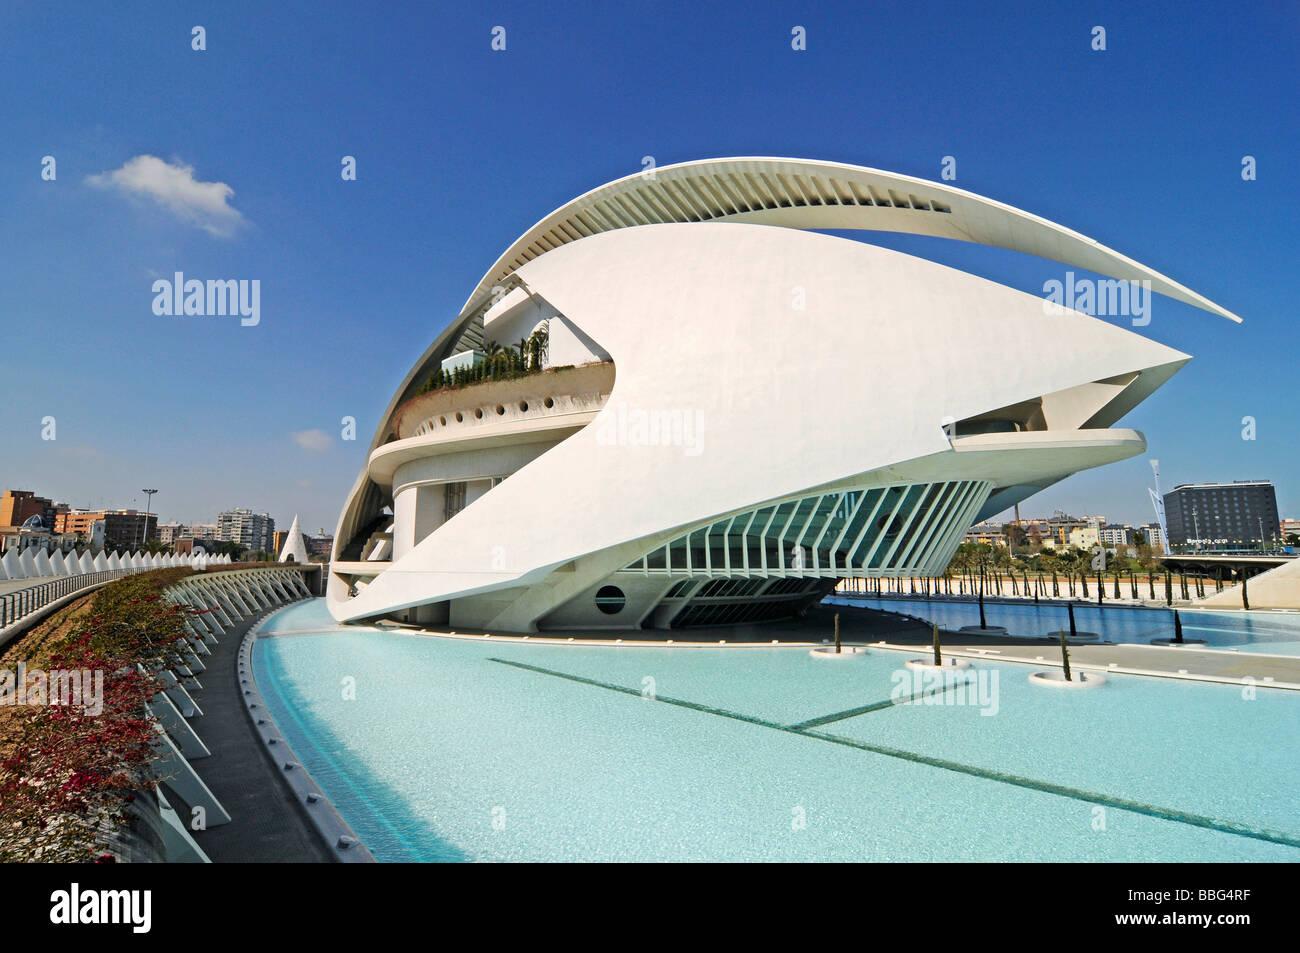 Palau de les Arts Reina Sofia, opera house, music theater, Ciudad de las Artes y Ciencias, city of arts and sciences, Stock Photo